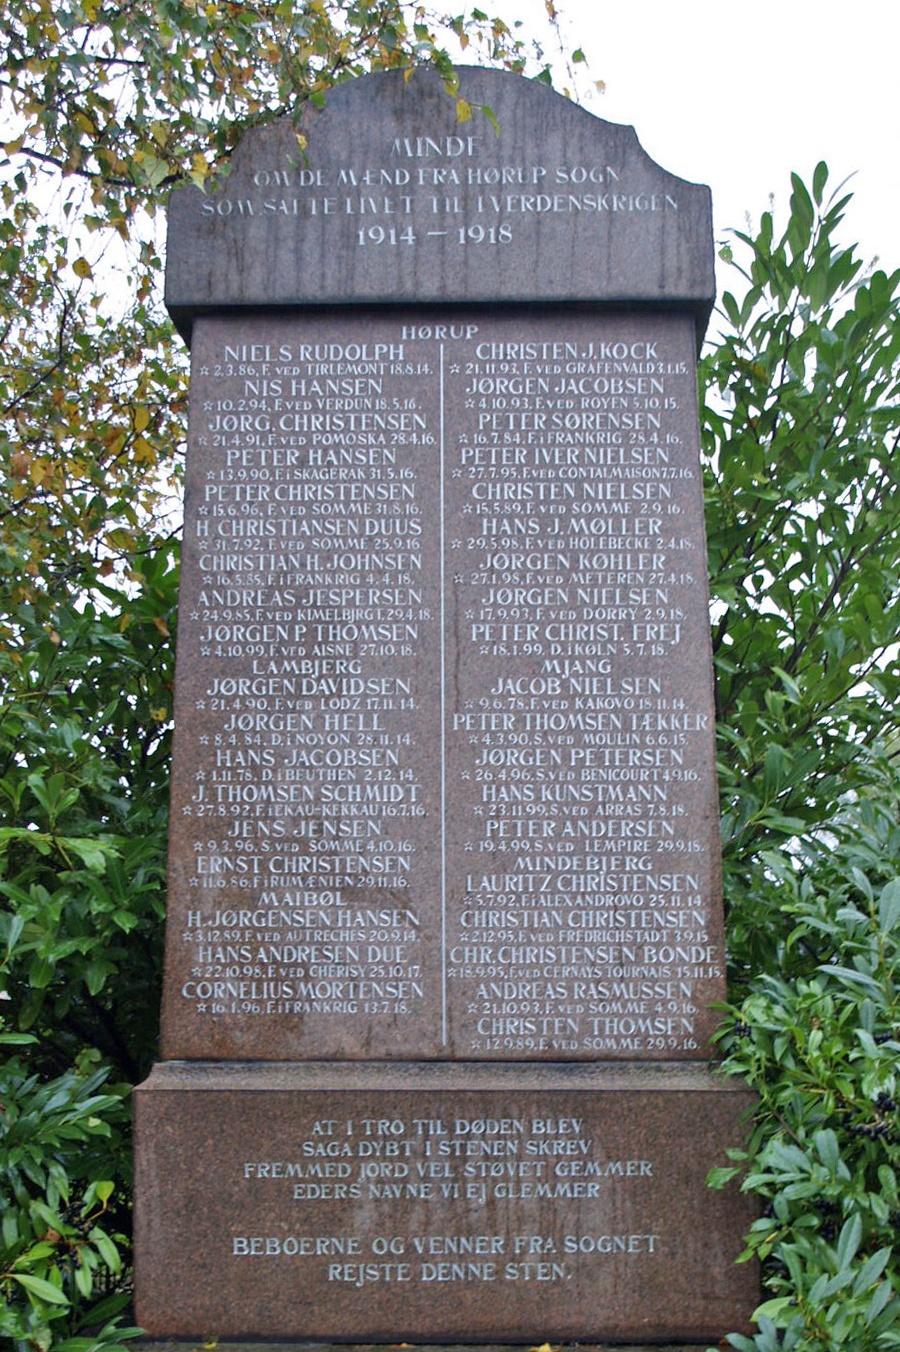 Mindesten, Hørup Kirkegård